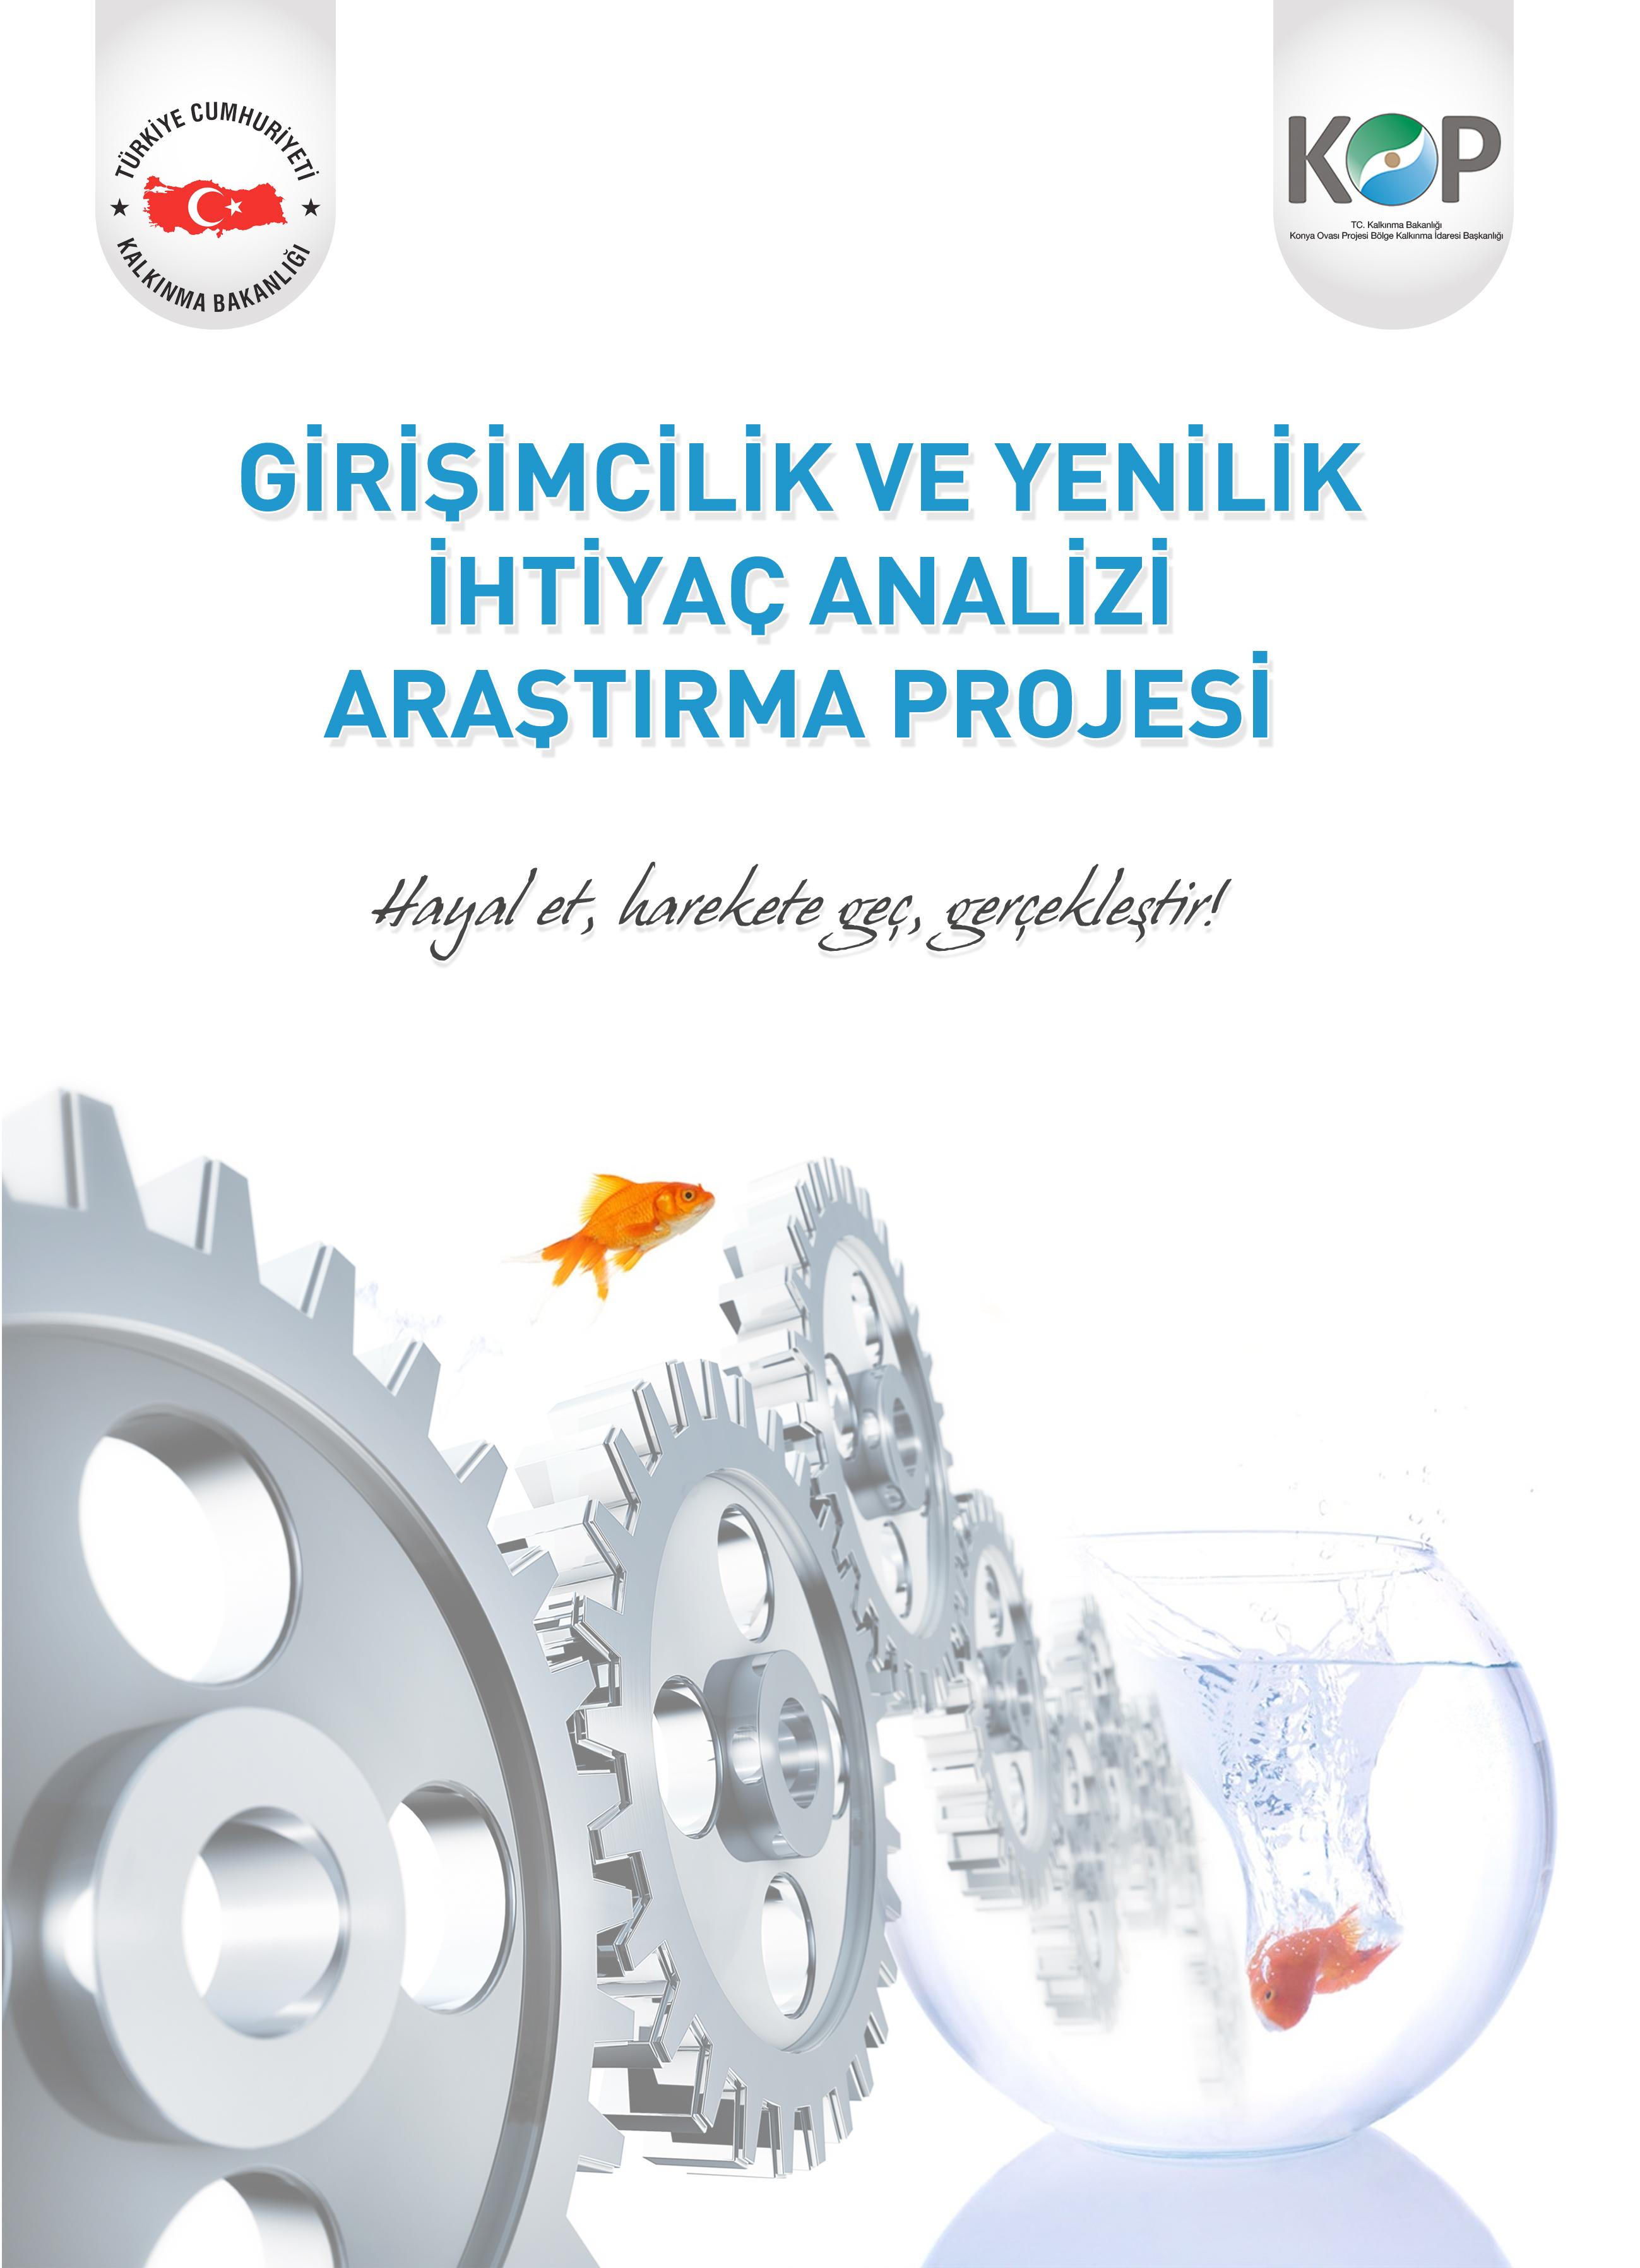 Girişimcilik ve Yenilik İhtiyaç Analizi Projesi